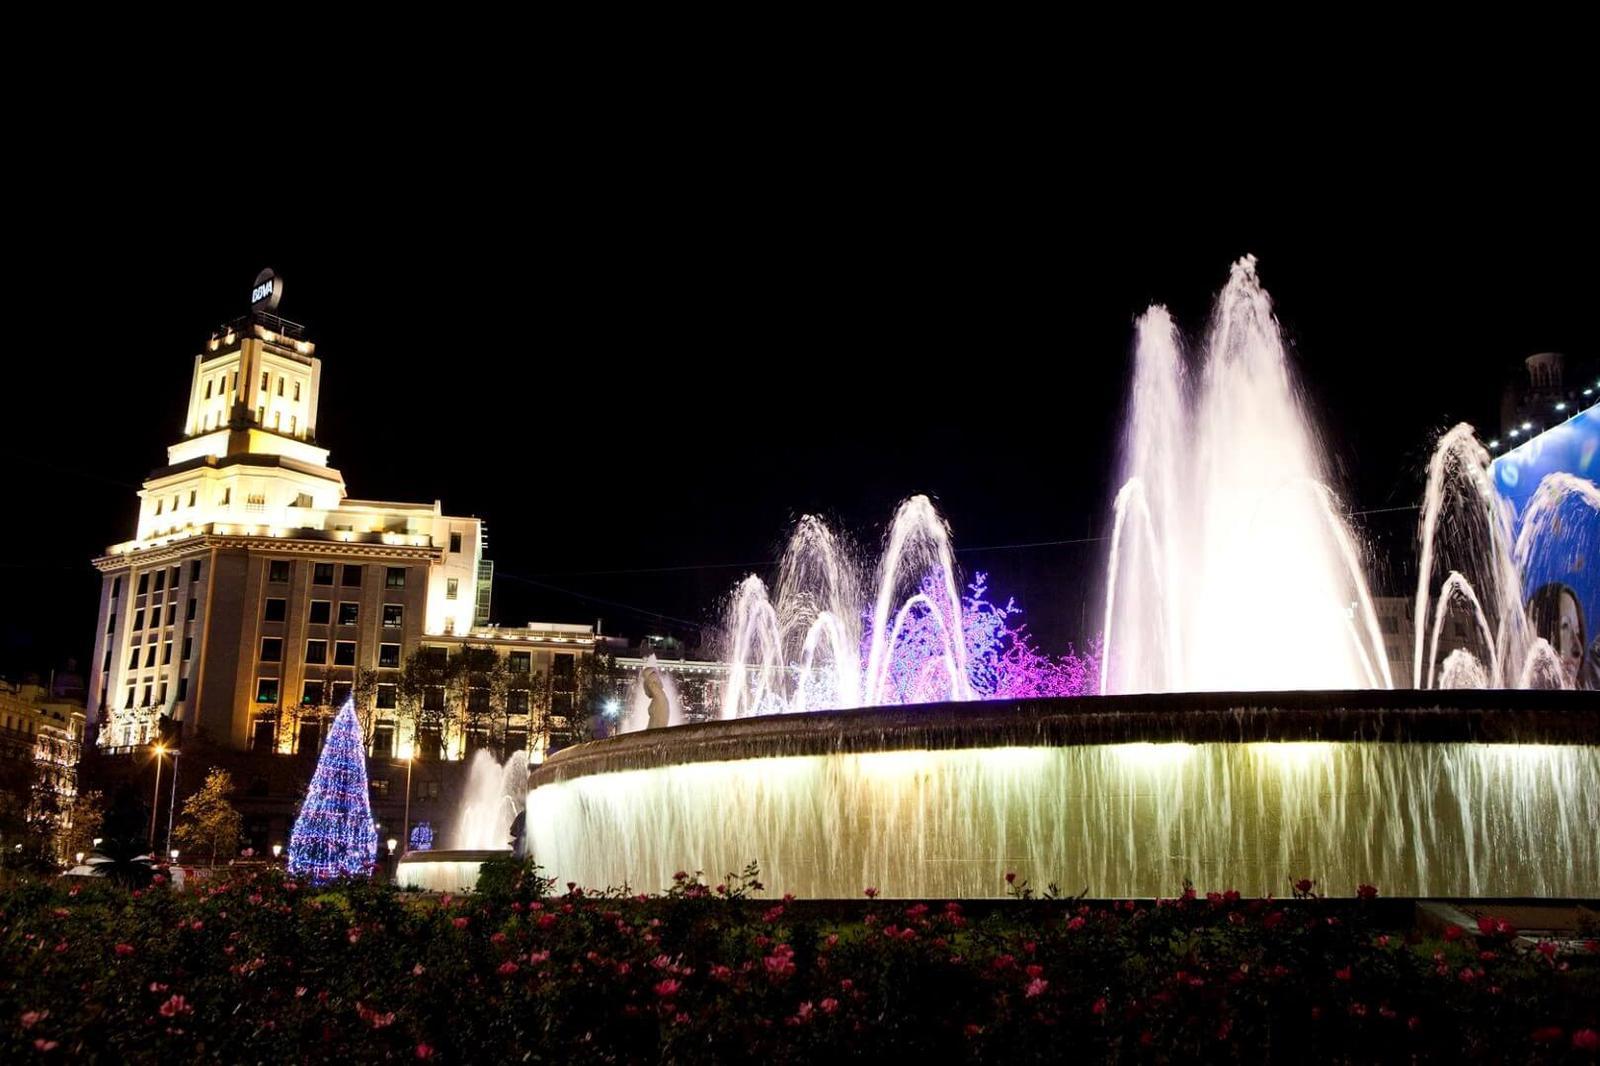 tradiciones navideñas en europa Barcelona